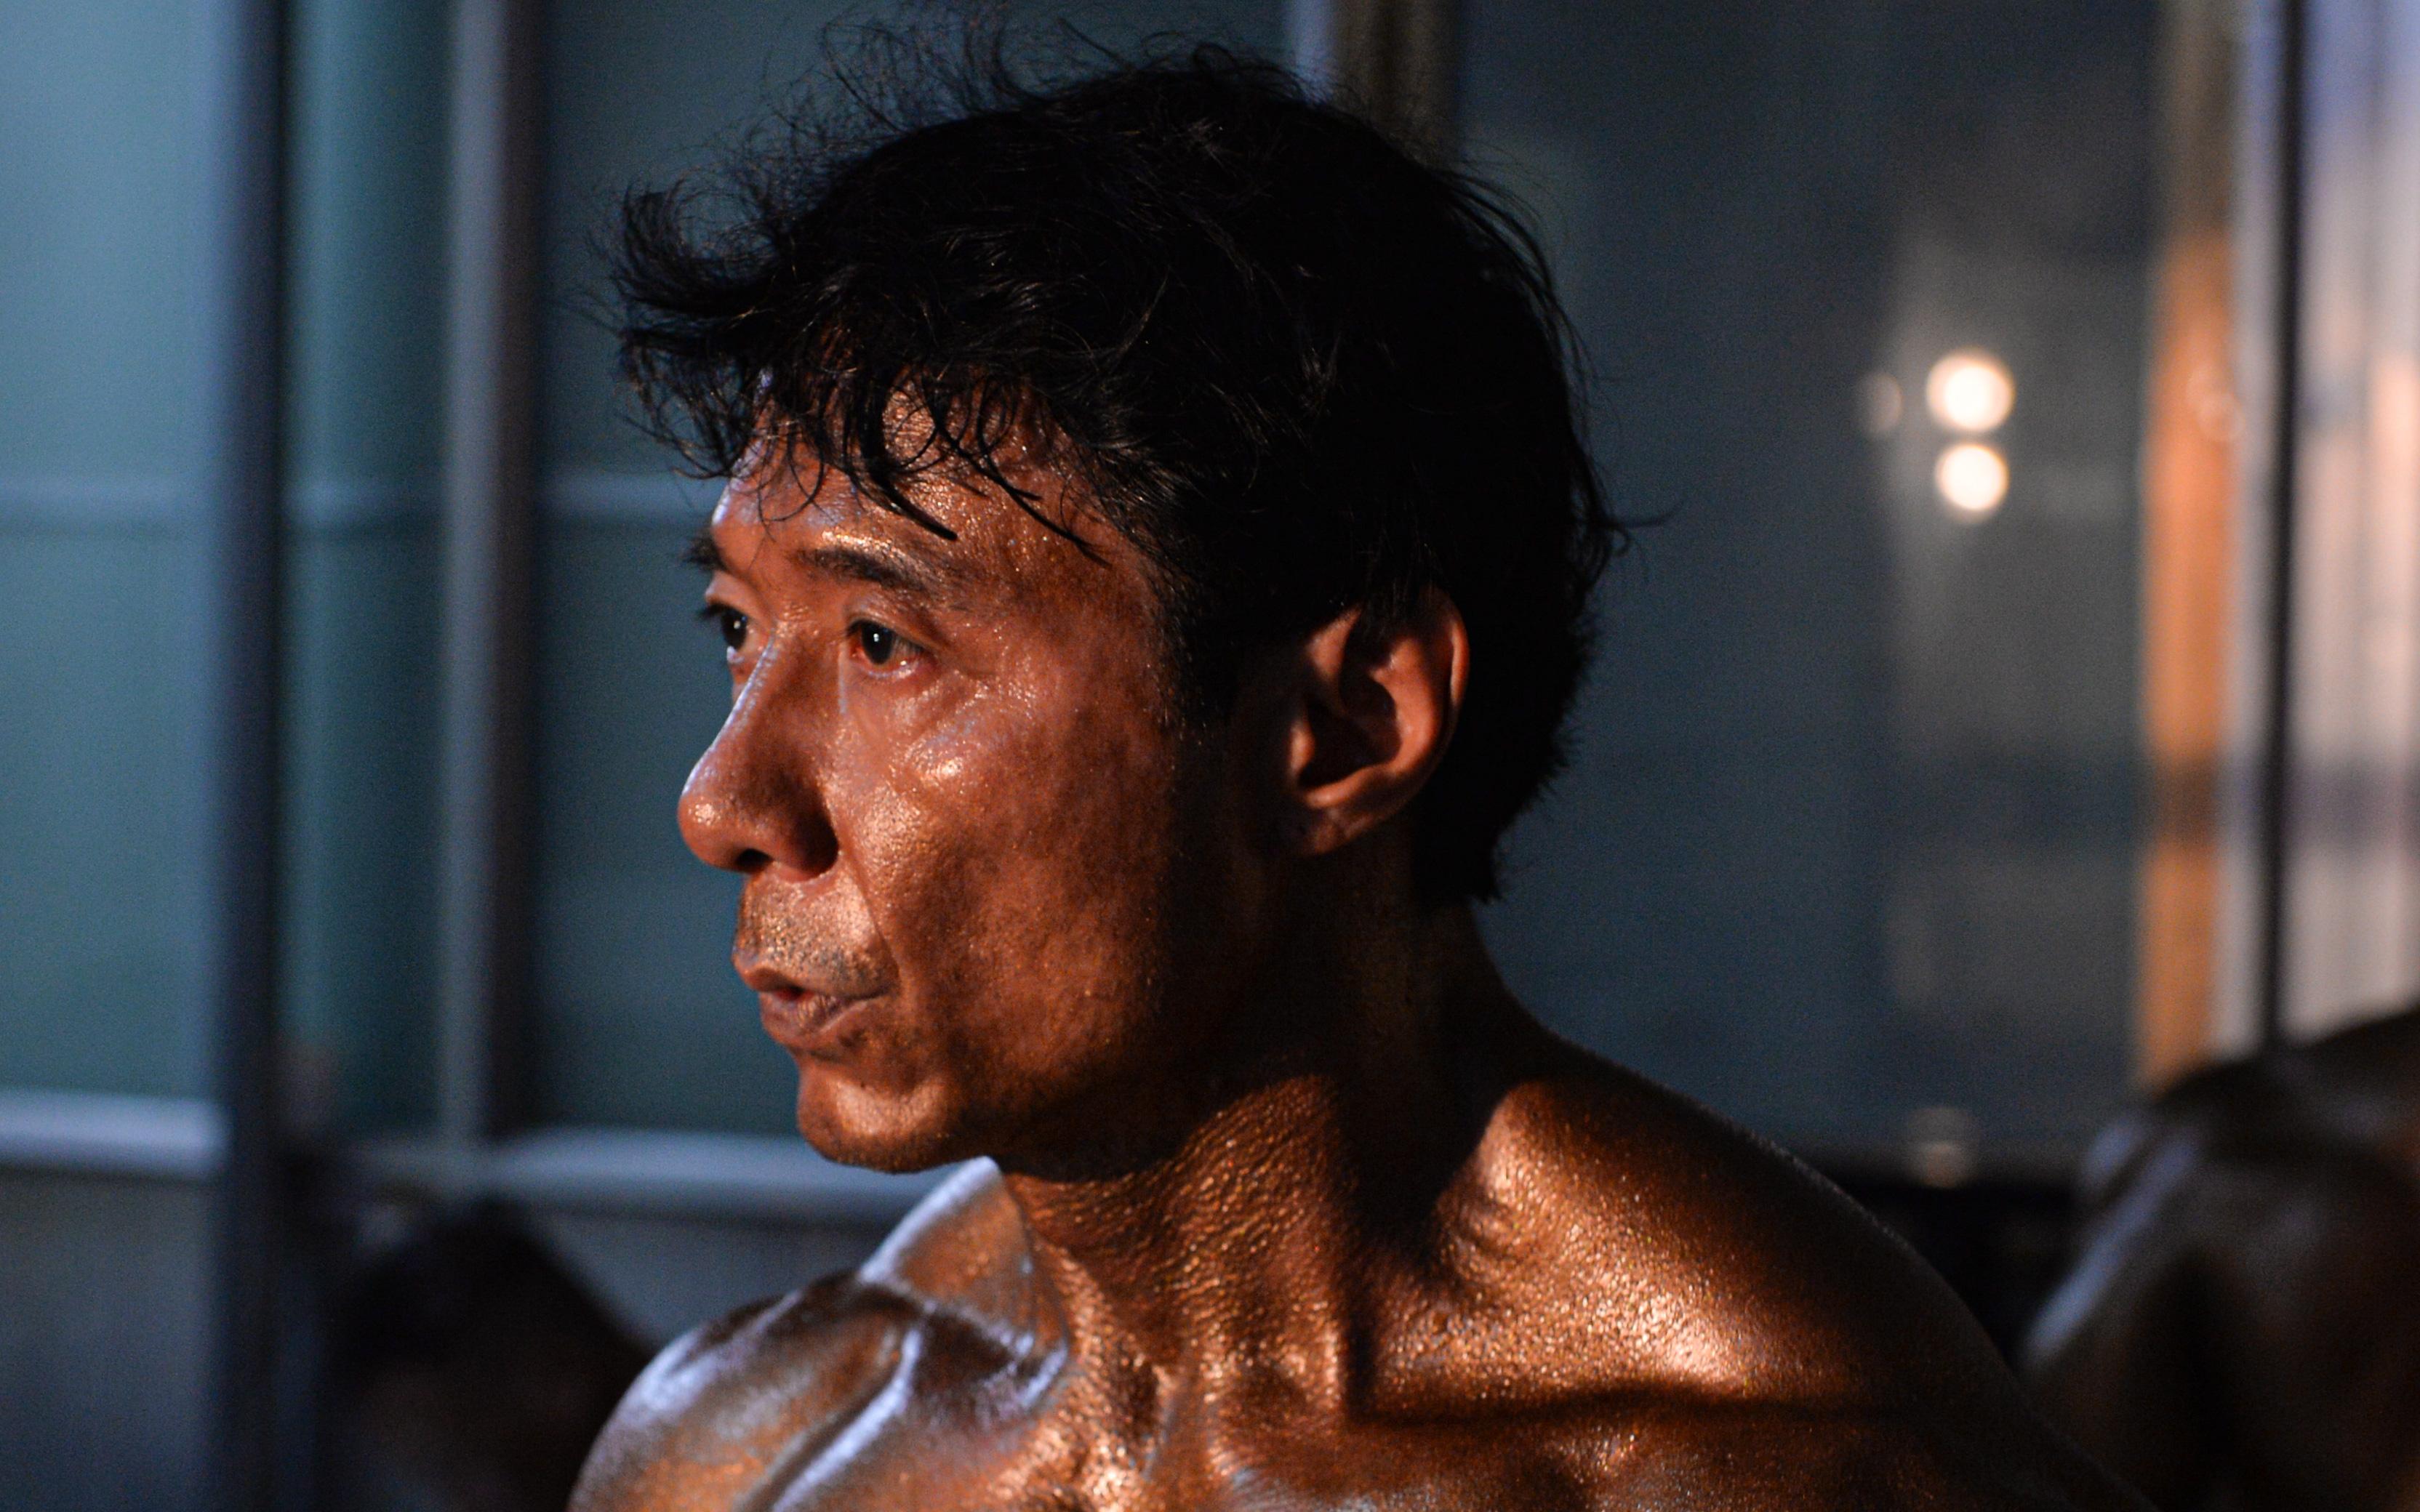 Lực sĩ Việt kiều Tăng Thiệu Cường lần thứ 3 vô địch thể hình lão tướng quốc gia: Body vạn người mê, tuổi 54 vẫn khiến thanh niên ngả mũ thán phục